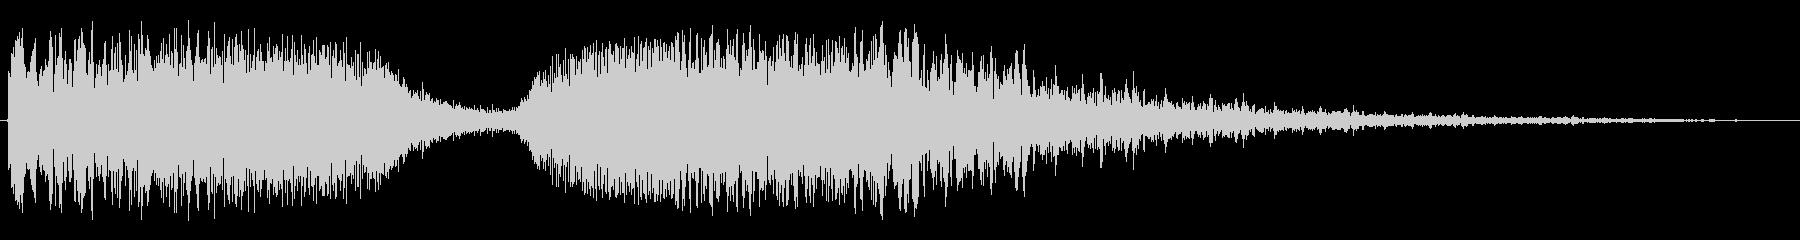 シャララ(アップダウン・ワープ等)の未再生の波形